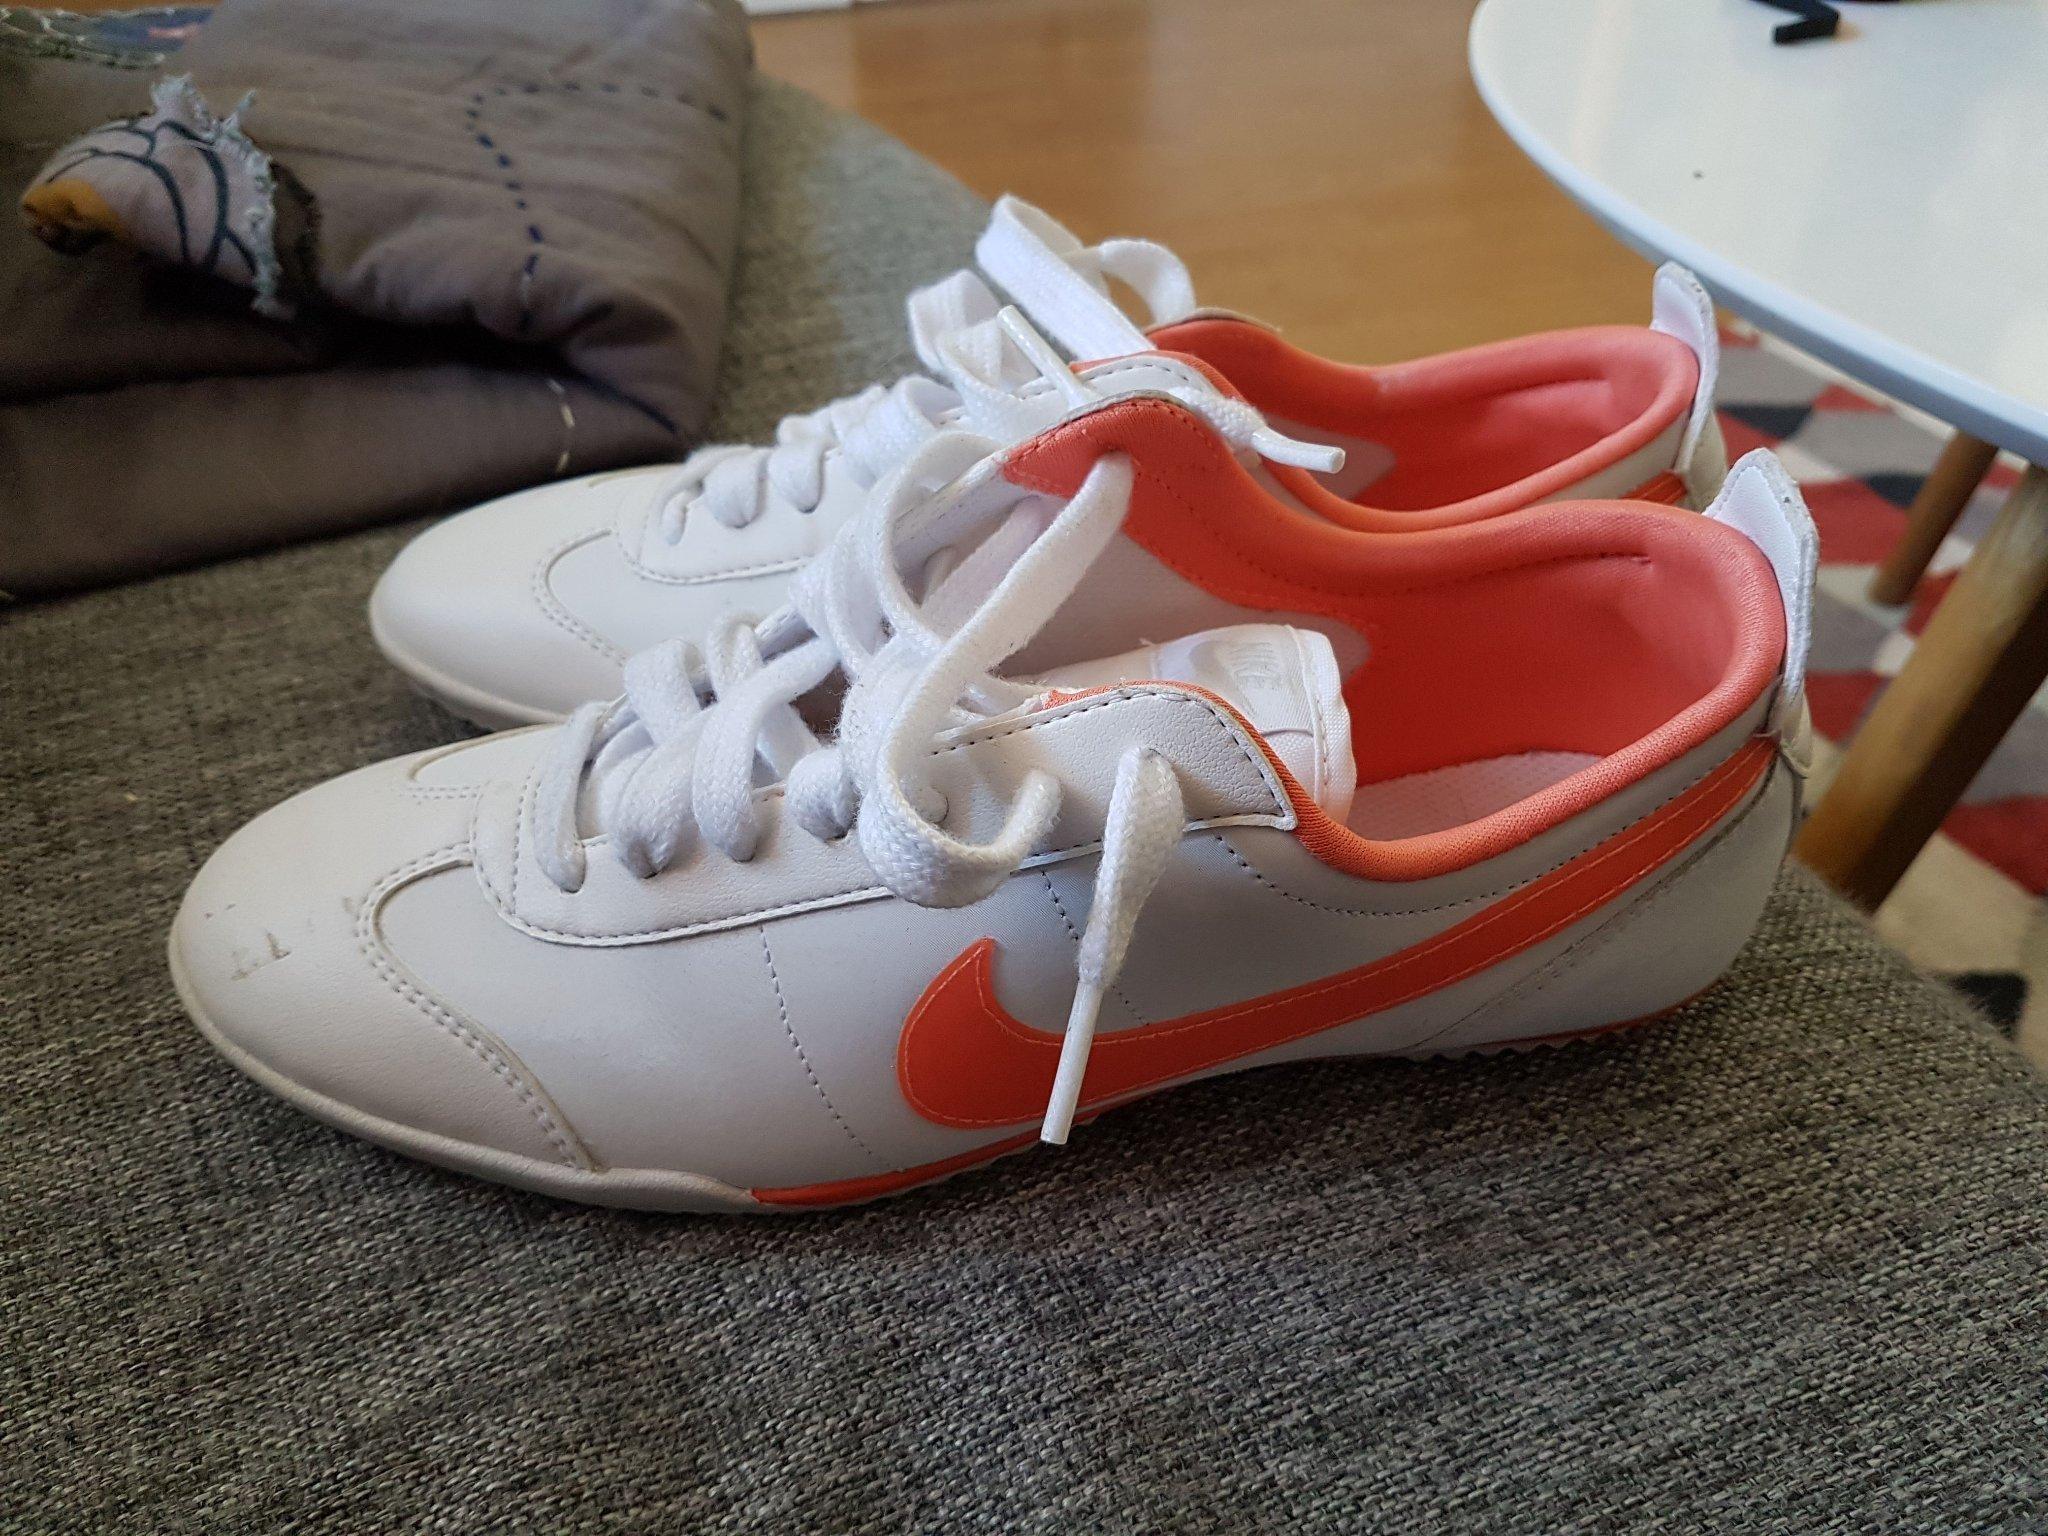 c0434f77621 Nike skor storlek 38/39 (352007018) ᐈ Köp på Tradera